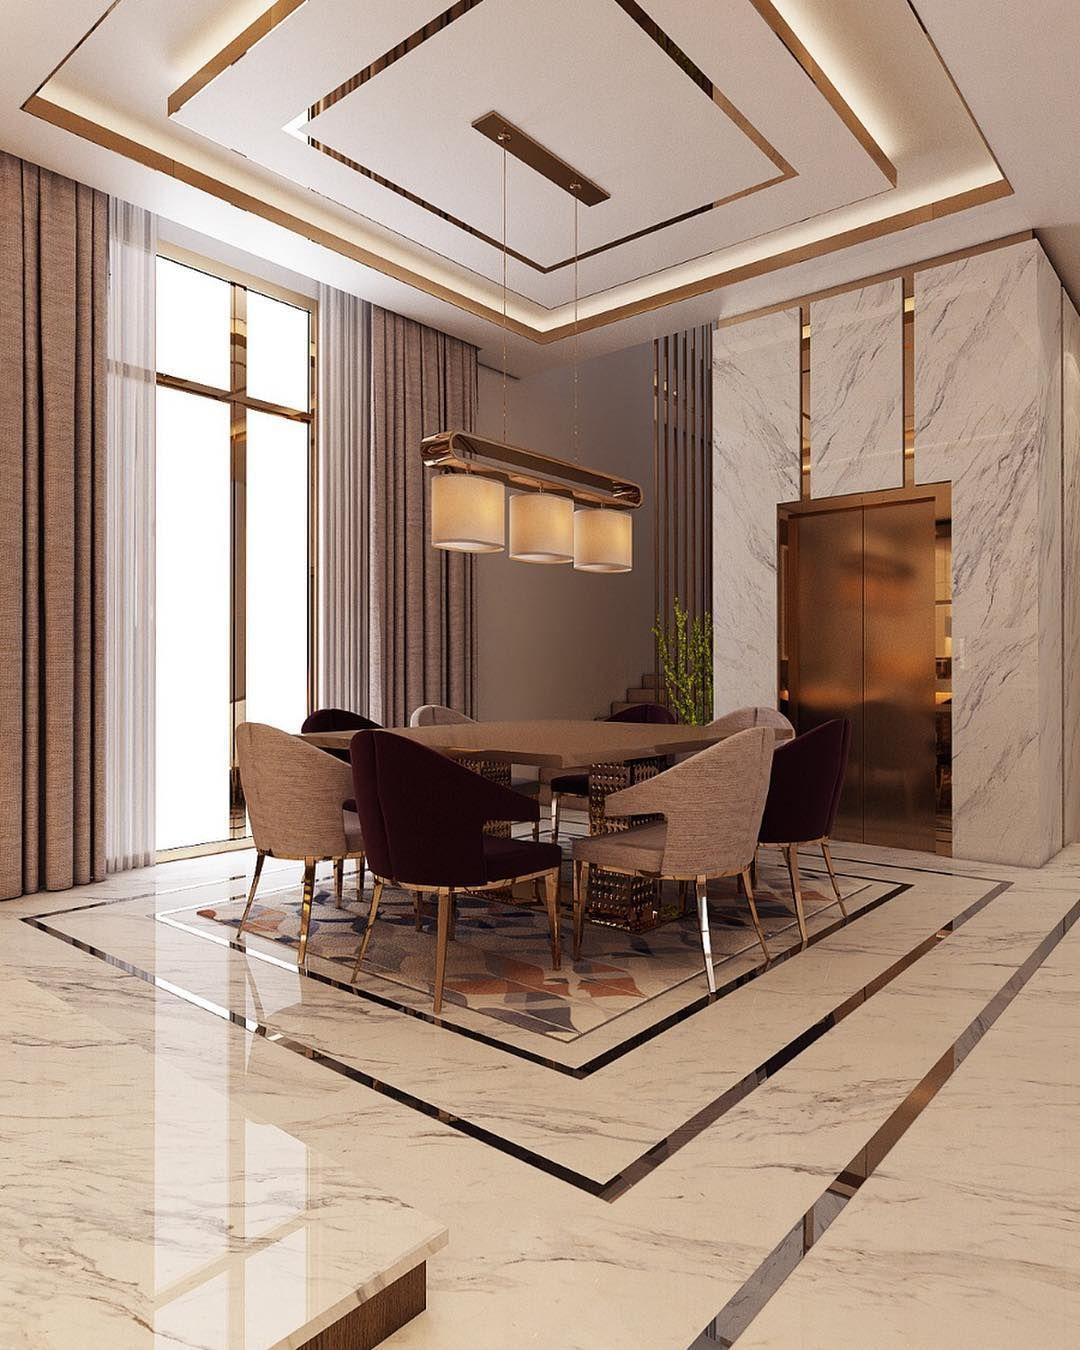 Innenarchitektur Standort Dubai Vereinigte Arabische